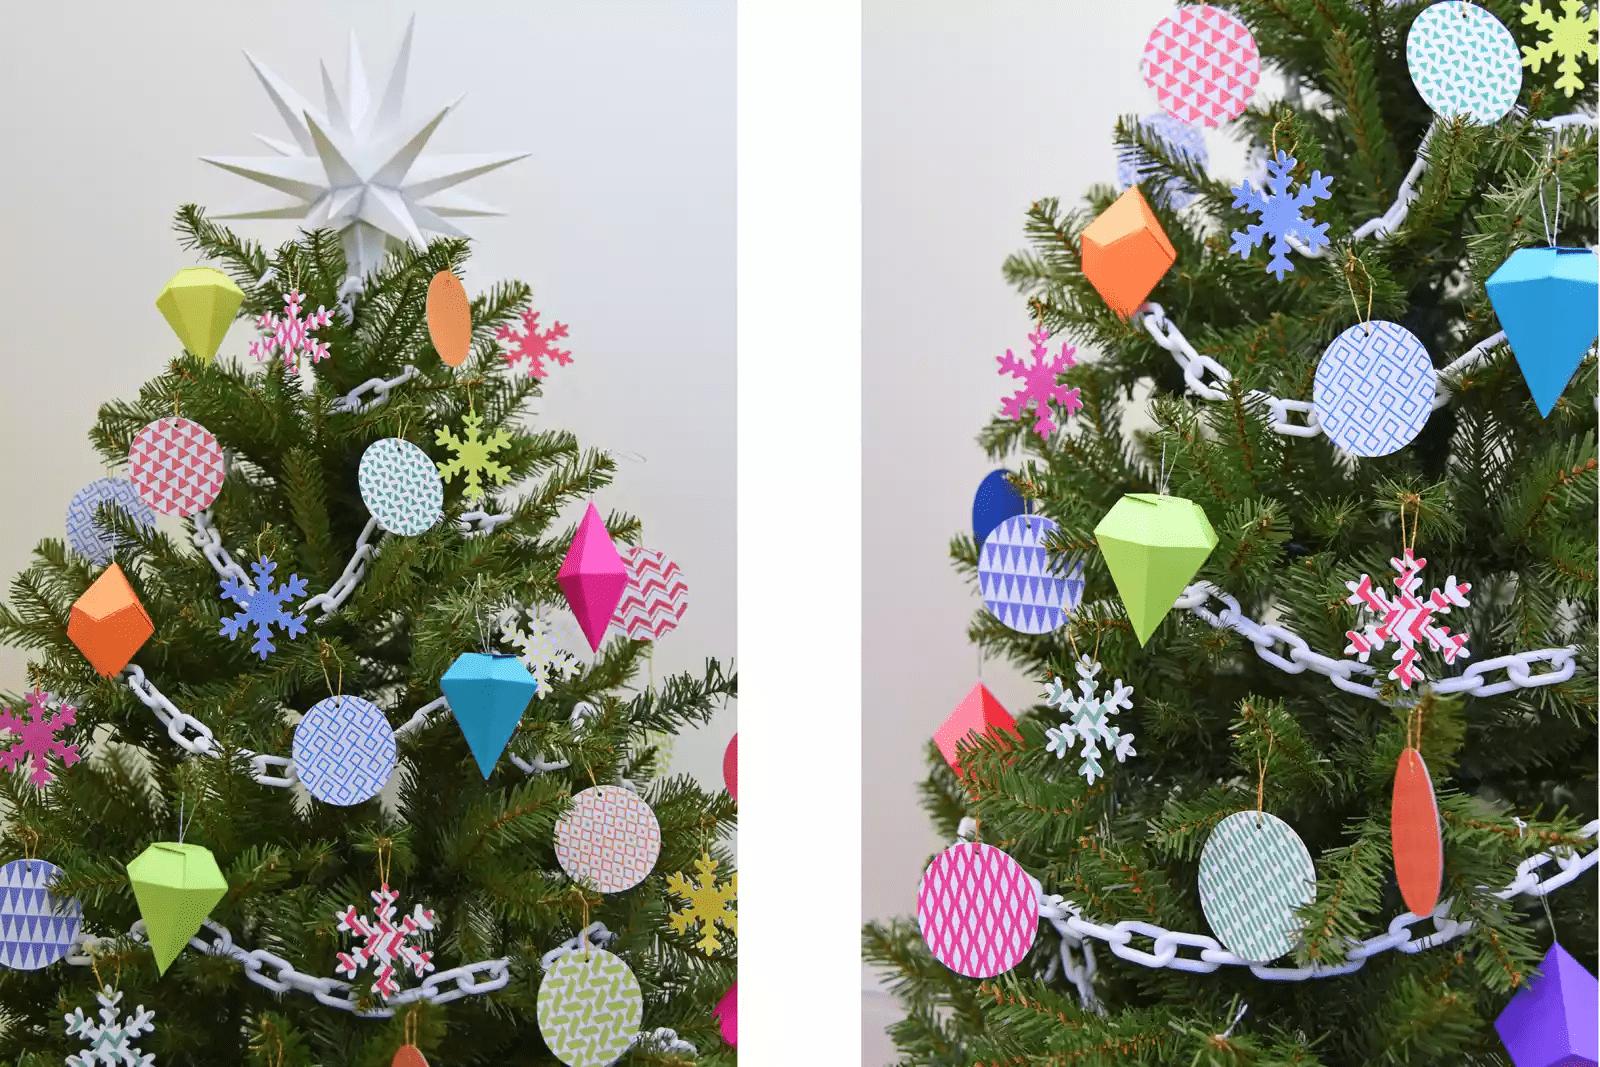 Arbre de Noël avec des décorations en papier